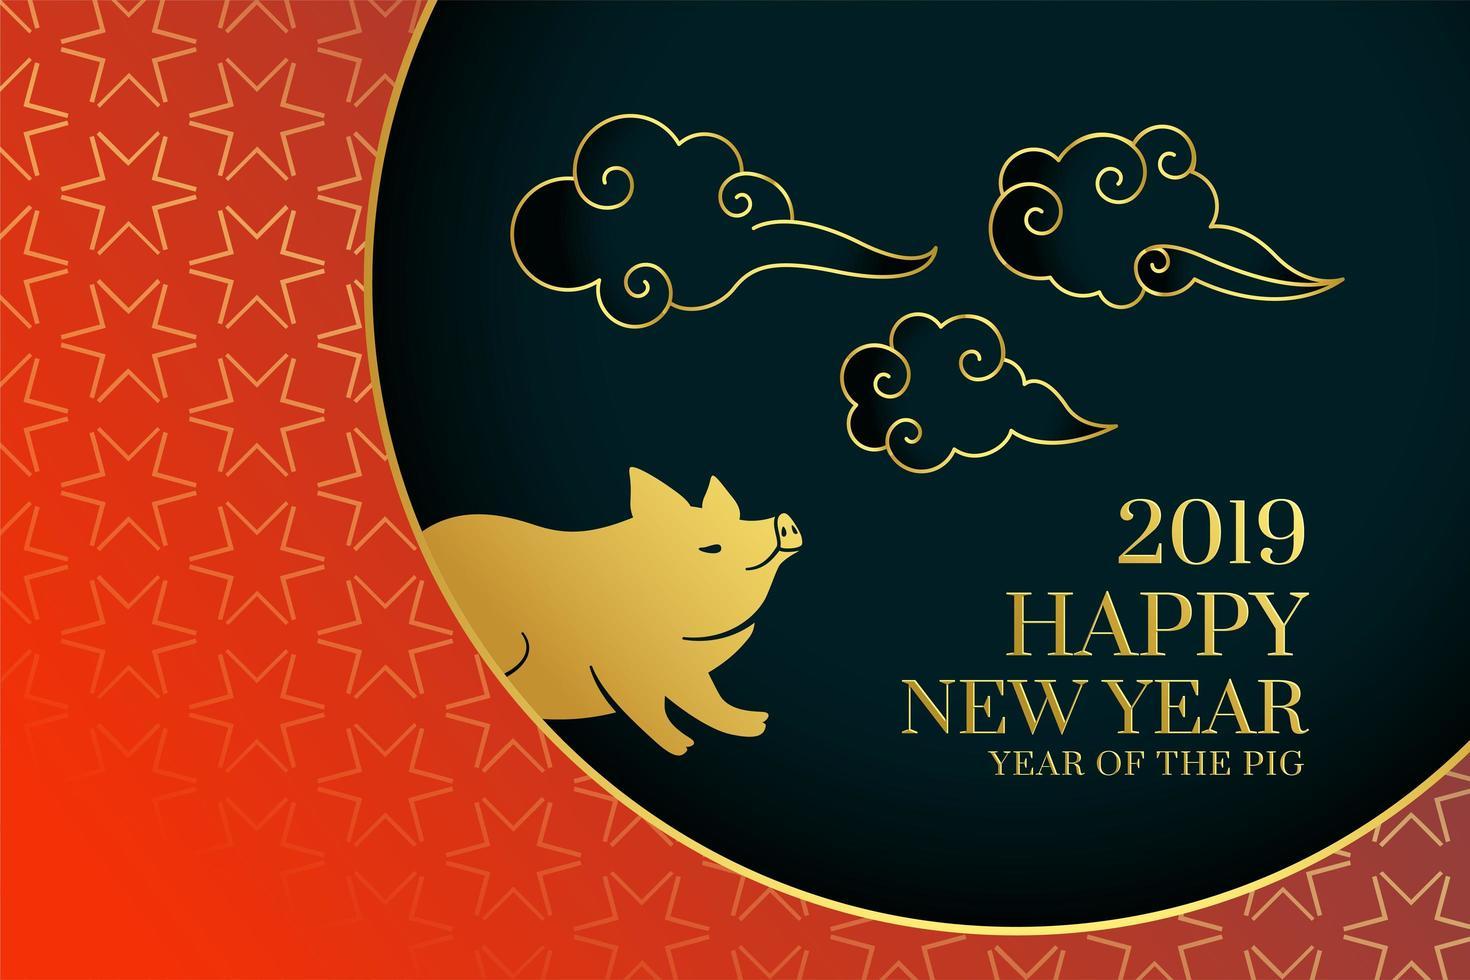 joyeux nouvel an chinois 2019 fond avec cochon et nuage